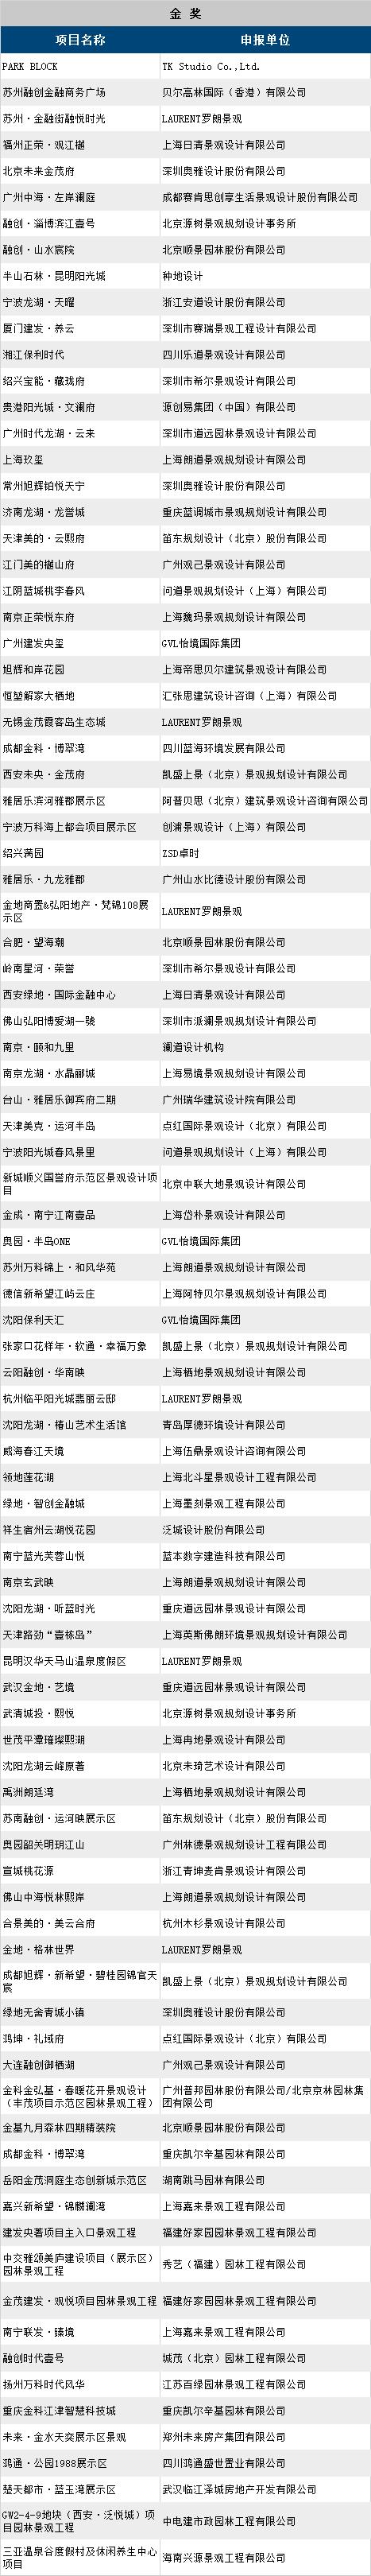 第十一届园冶杯地产园林奖获奖名单_14